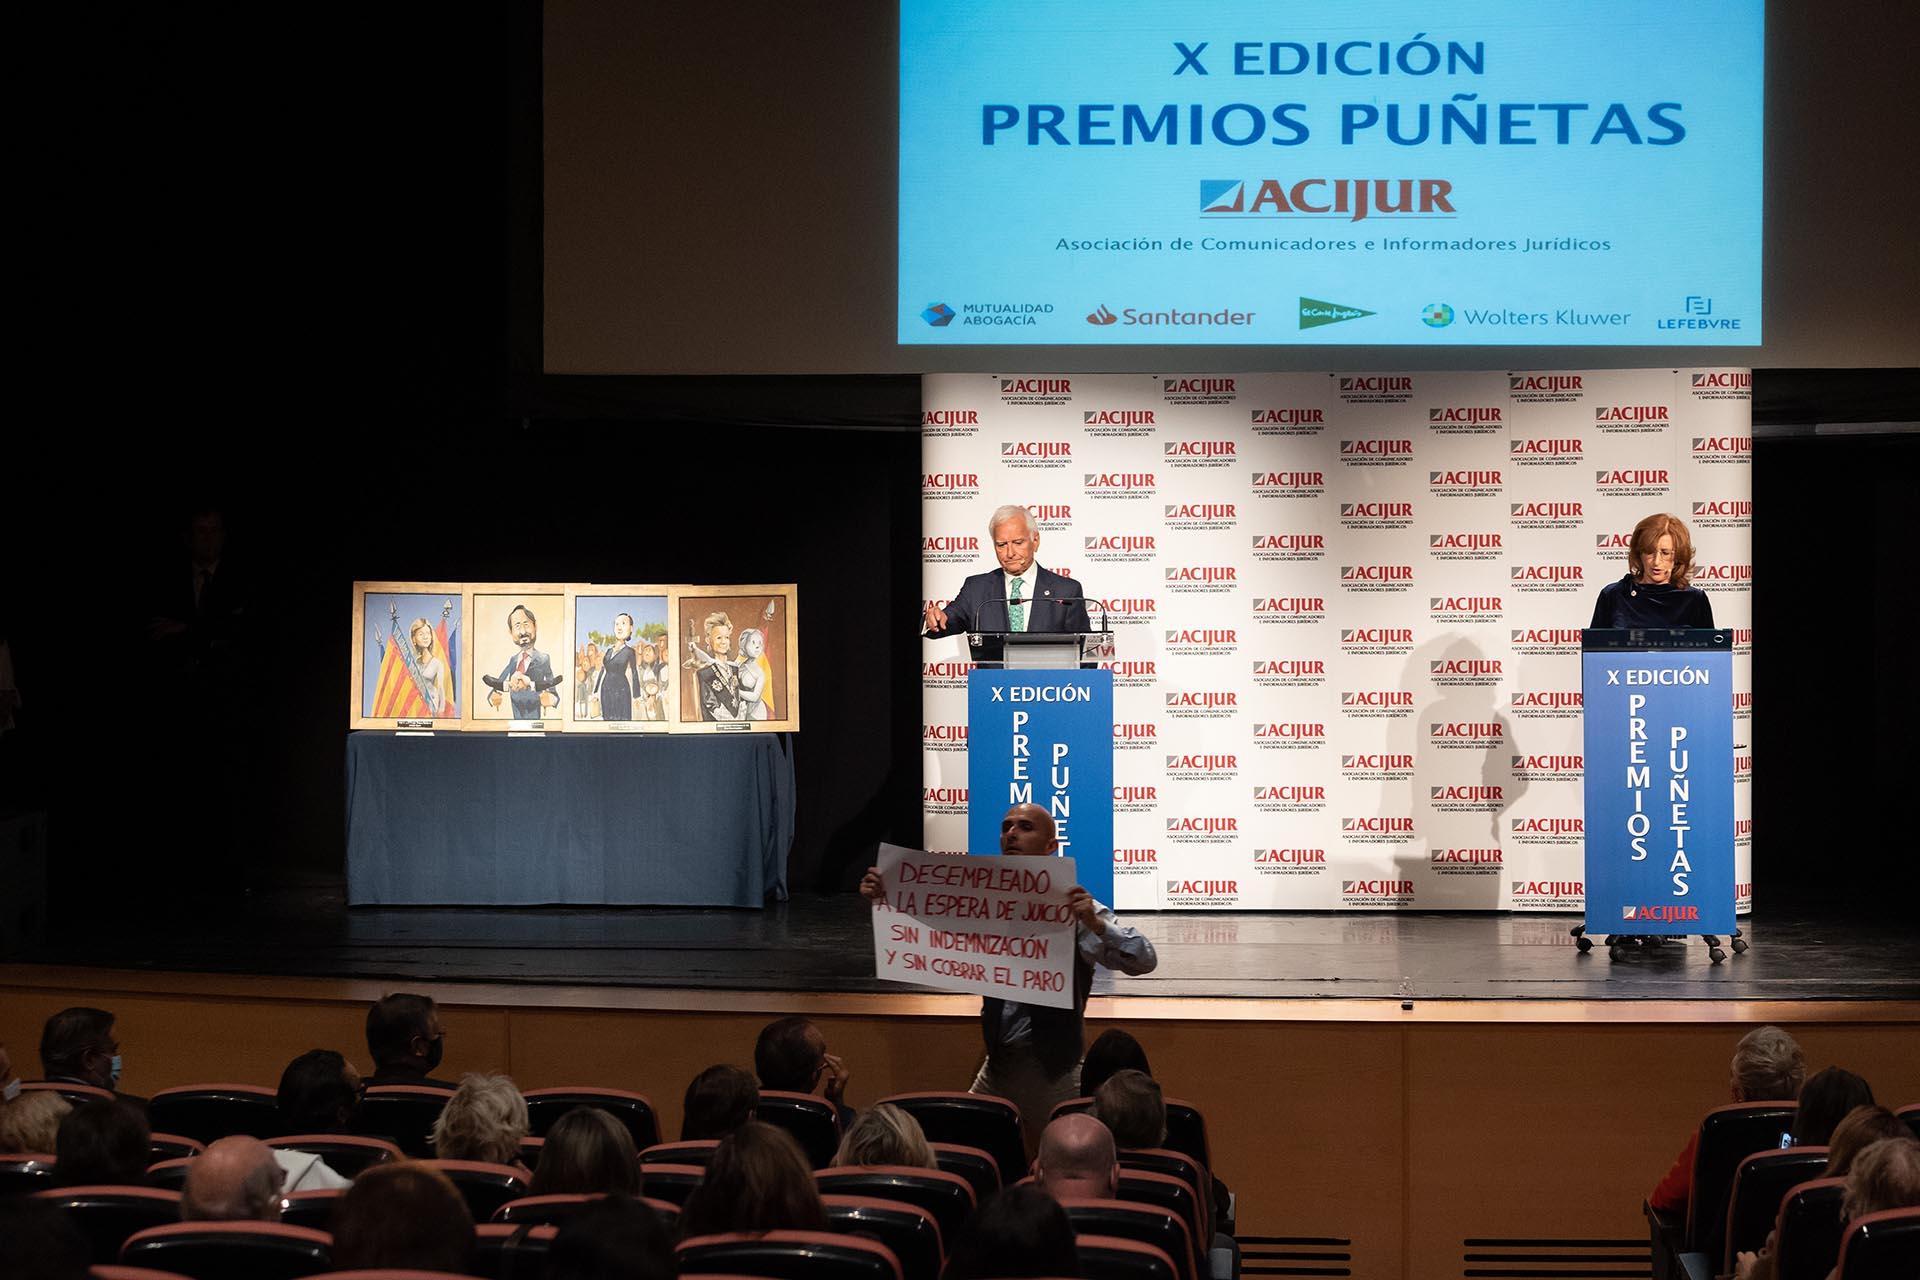 """Actuación durante el premio """"Vete a hacer Puñetas""""."""